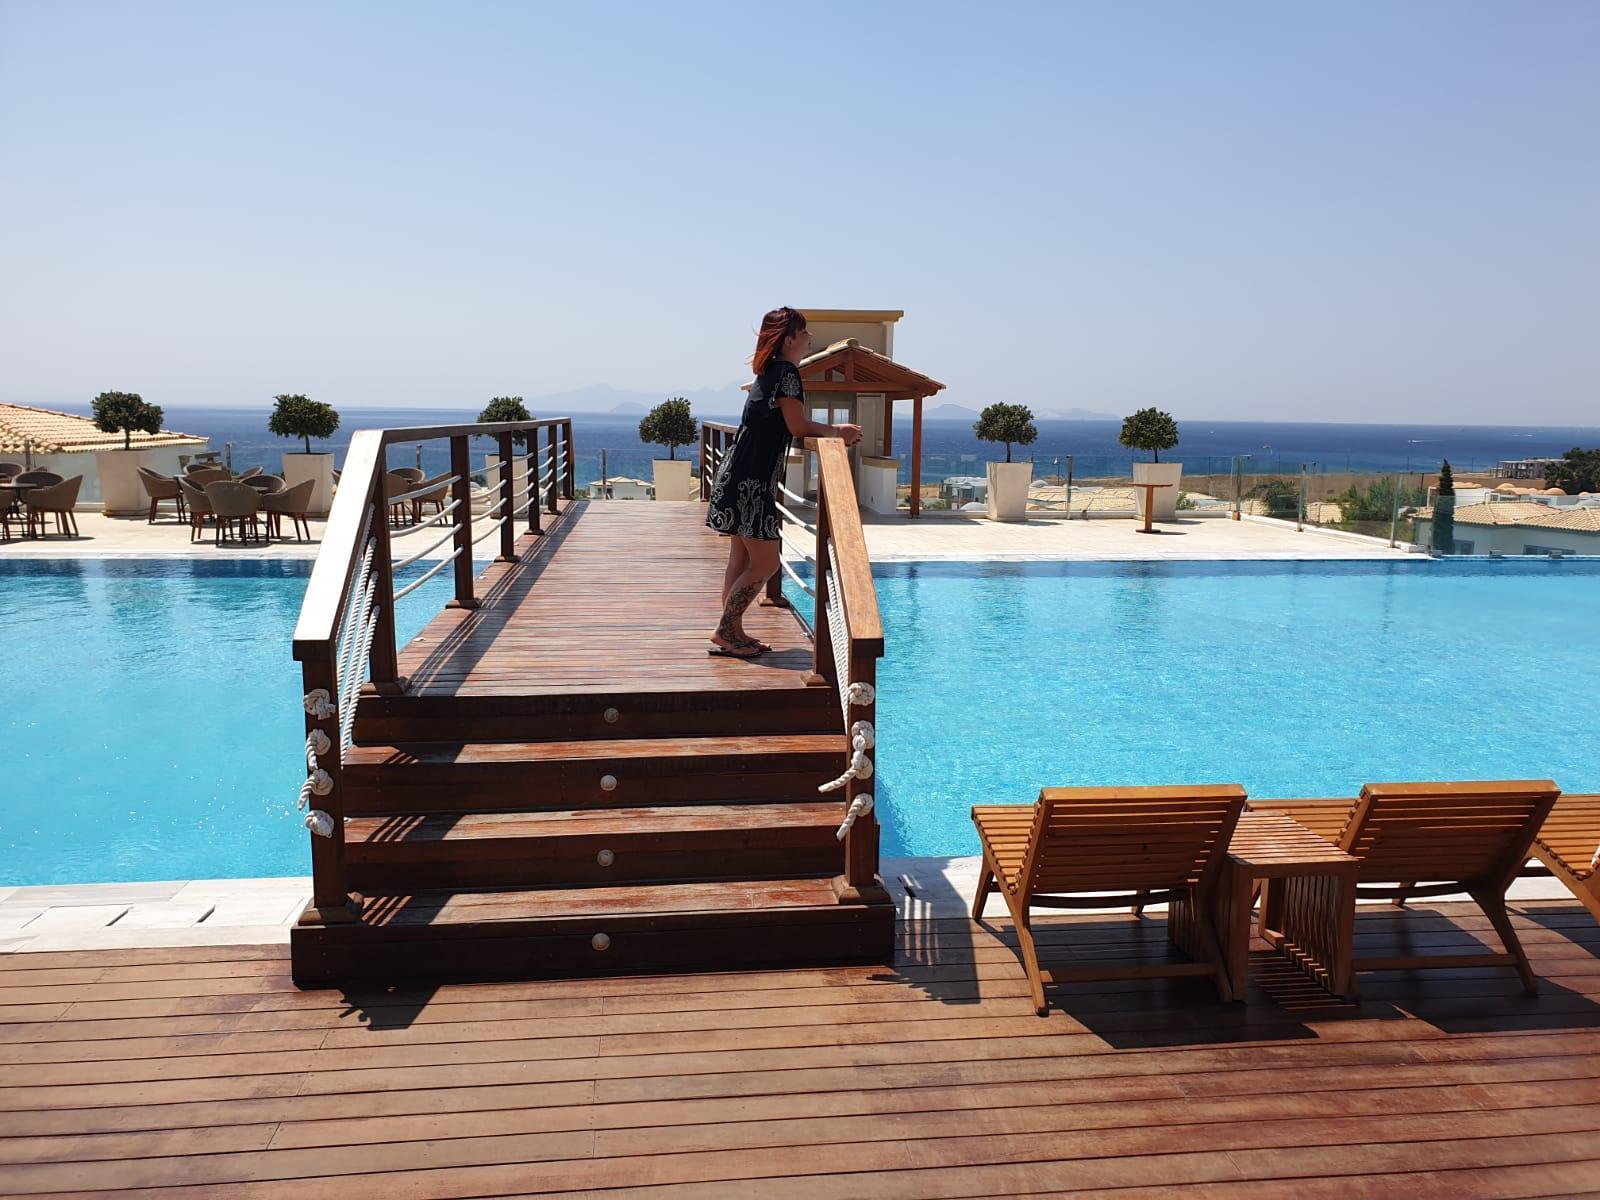 Léto 2019, Řecko - Kos - Obrázek č. 18